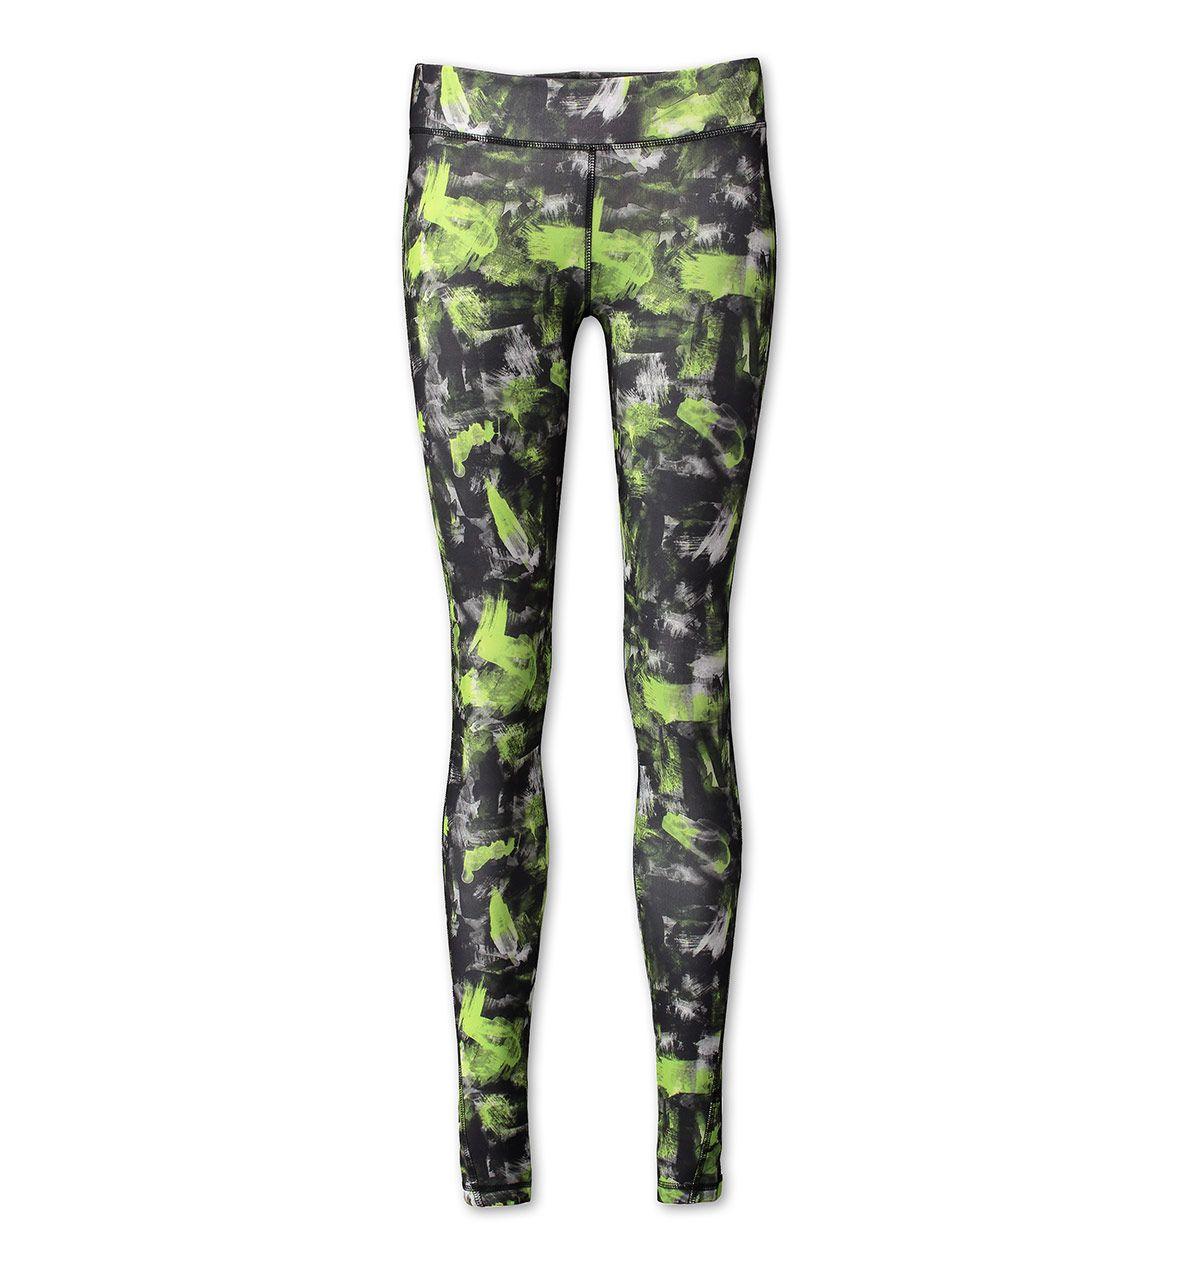 Legginsy Z Dzialu Kobiety Kolor Jasnozielony Niskie Ceny W Sklepie C A On Line Fashion Legging Pants